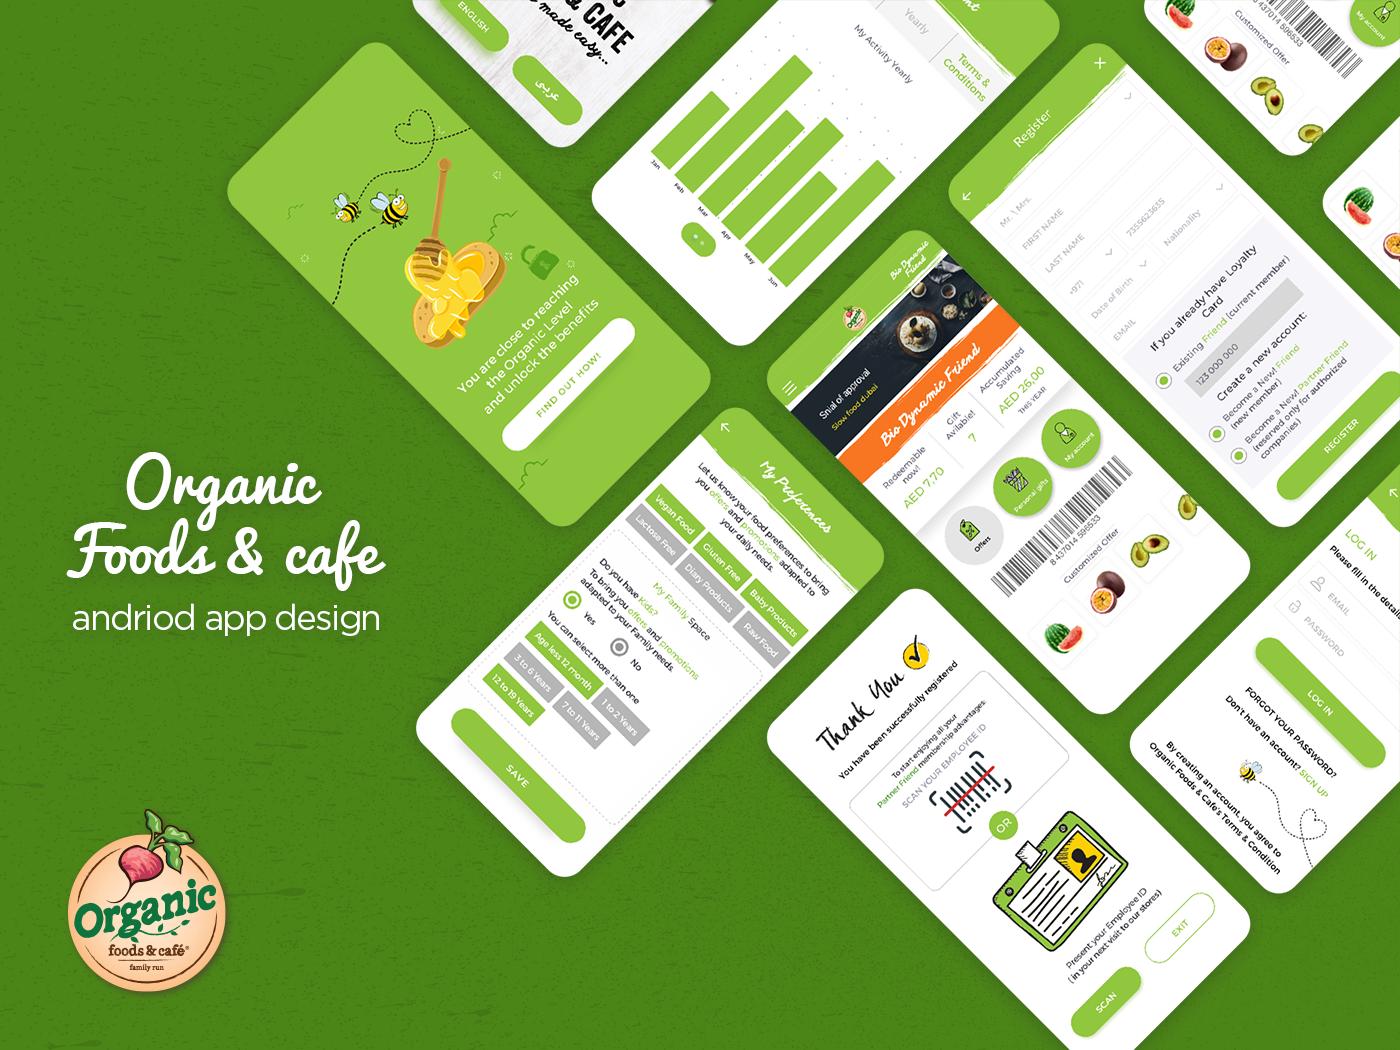 Organic foods & cafe android app design web illustration cafe app food app application ui minimal uiux app design android app design organic foods  cafe